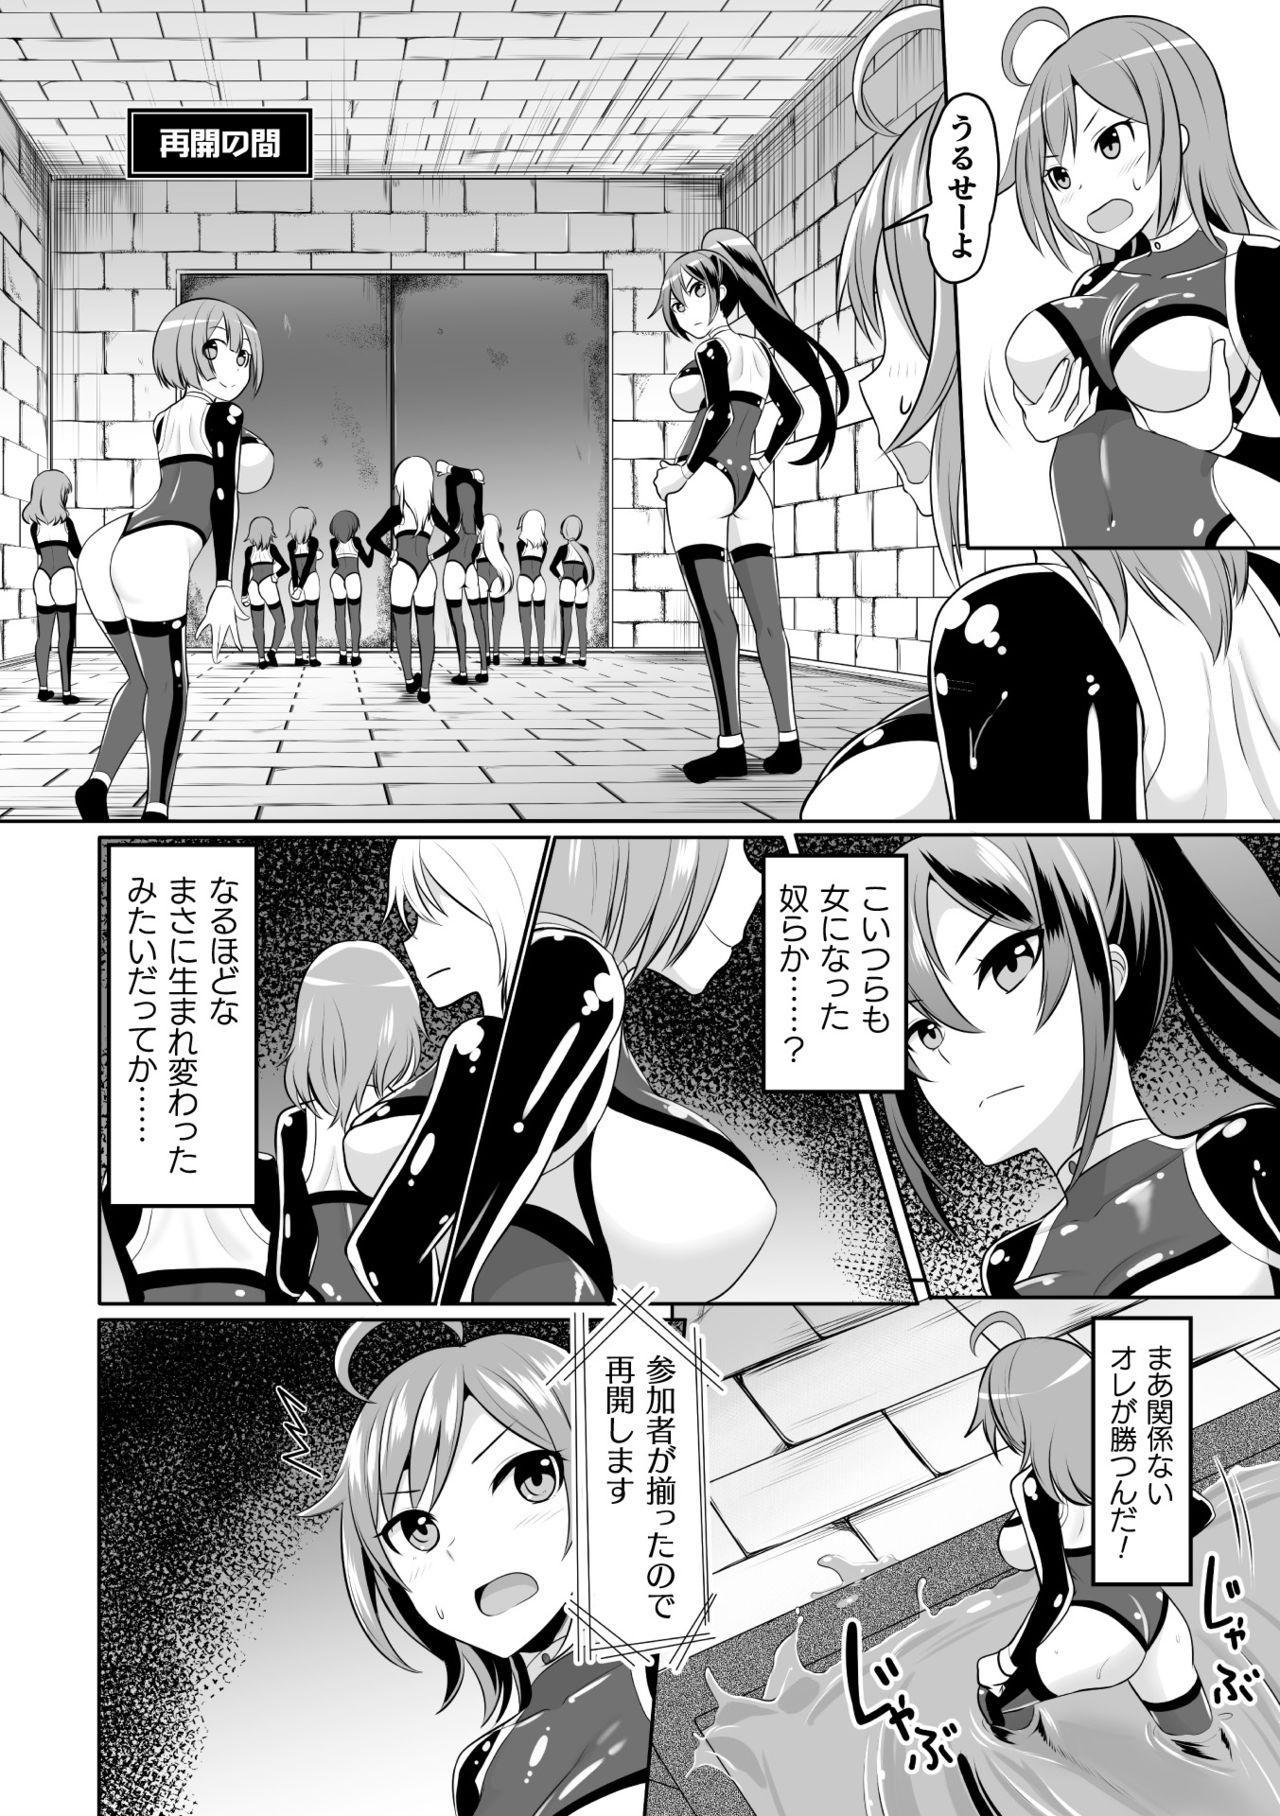 2D Comic Magazine Mesu Ochi! TS Ero Trap Dungeon Vol. 2 5